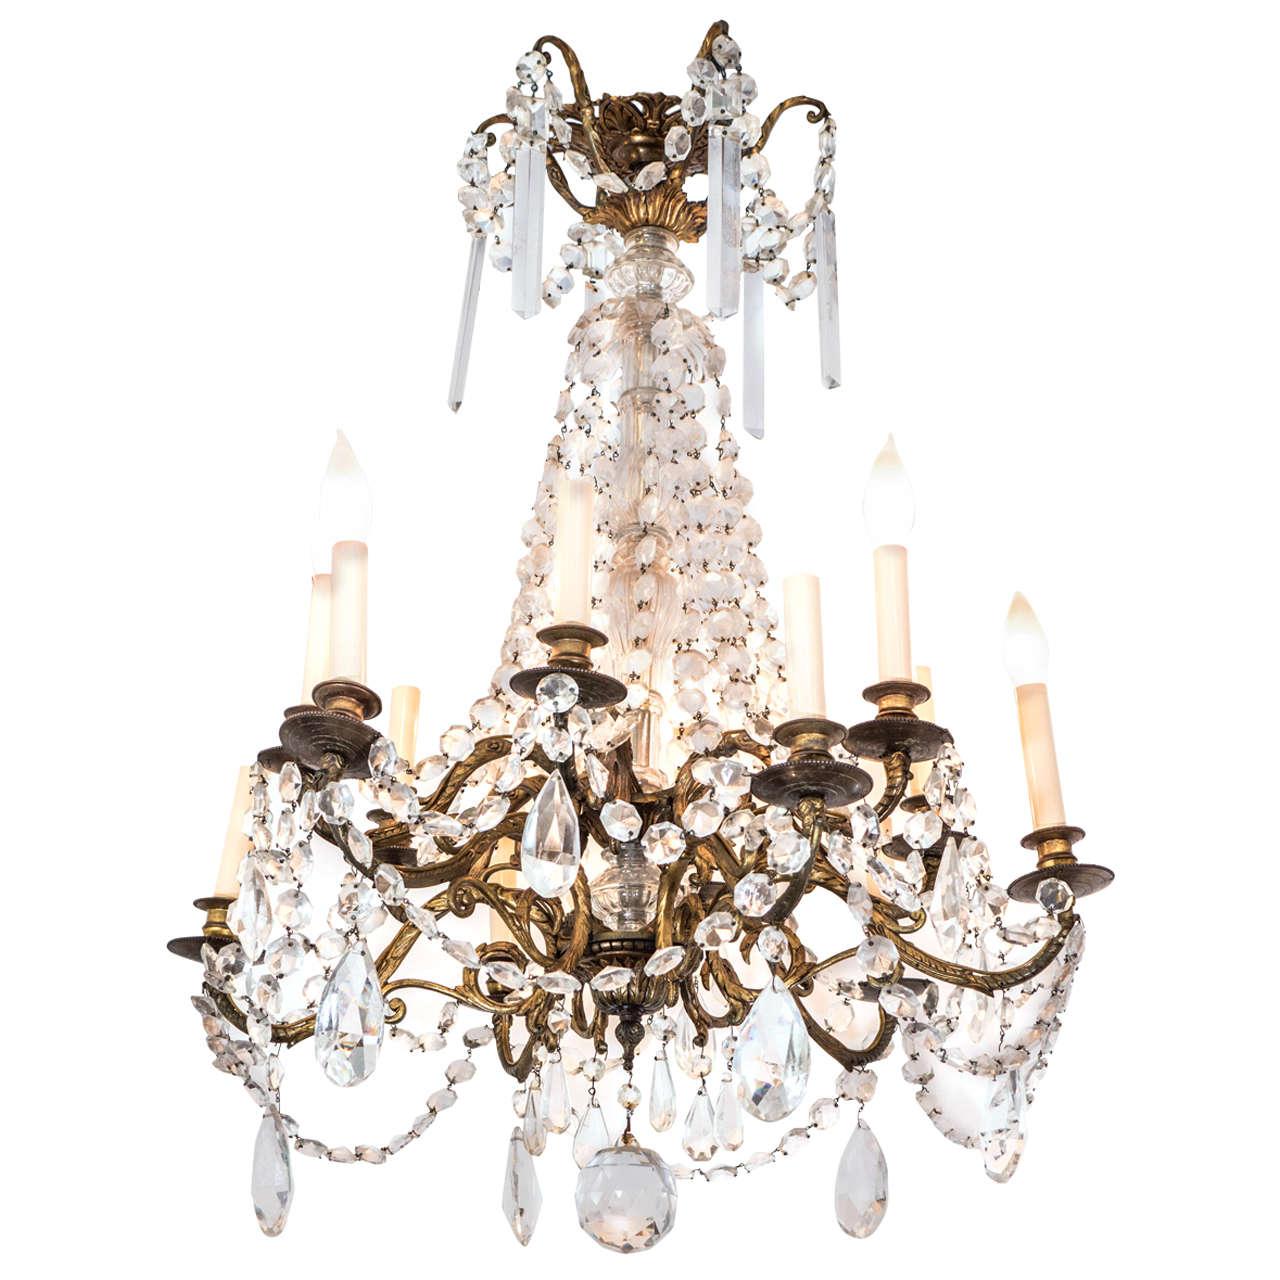 Midcentury gilt bronze twelve light chandelier with crystal drops midcentury gilt bronze twelve light chandelier with crystal drops for sale aloadofball Gallery